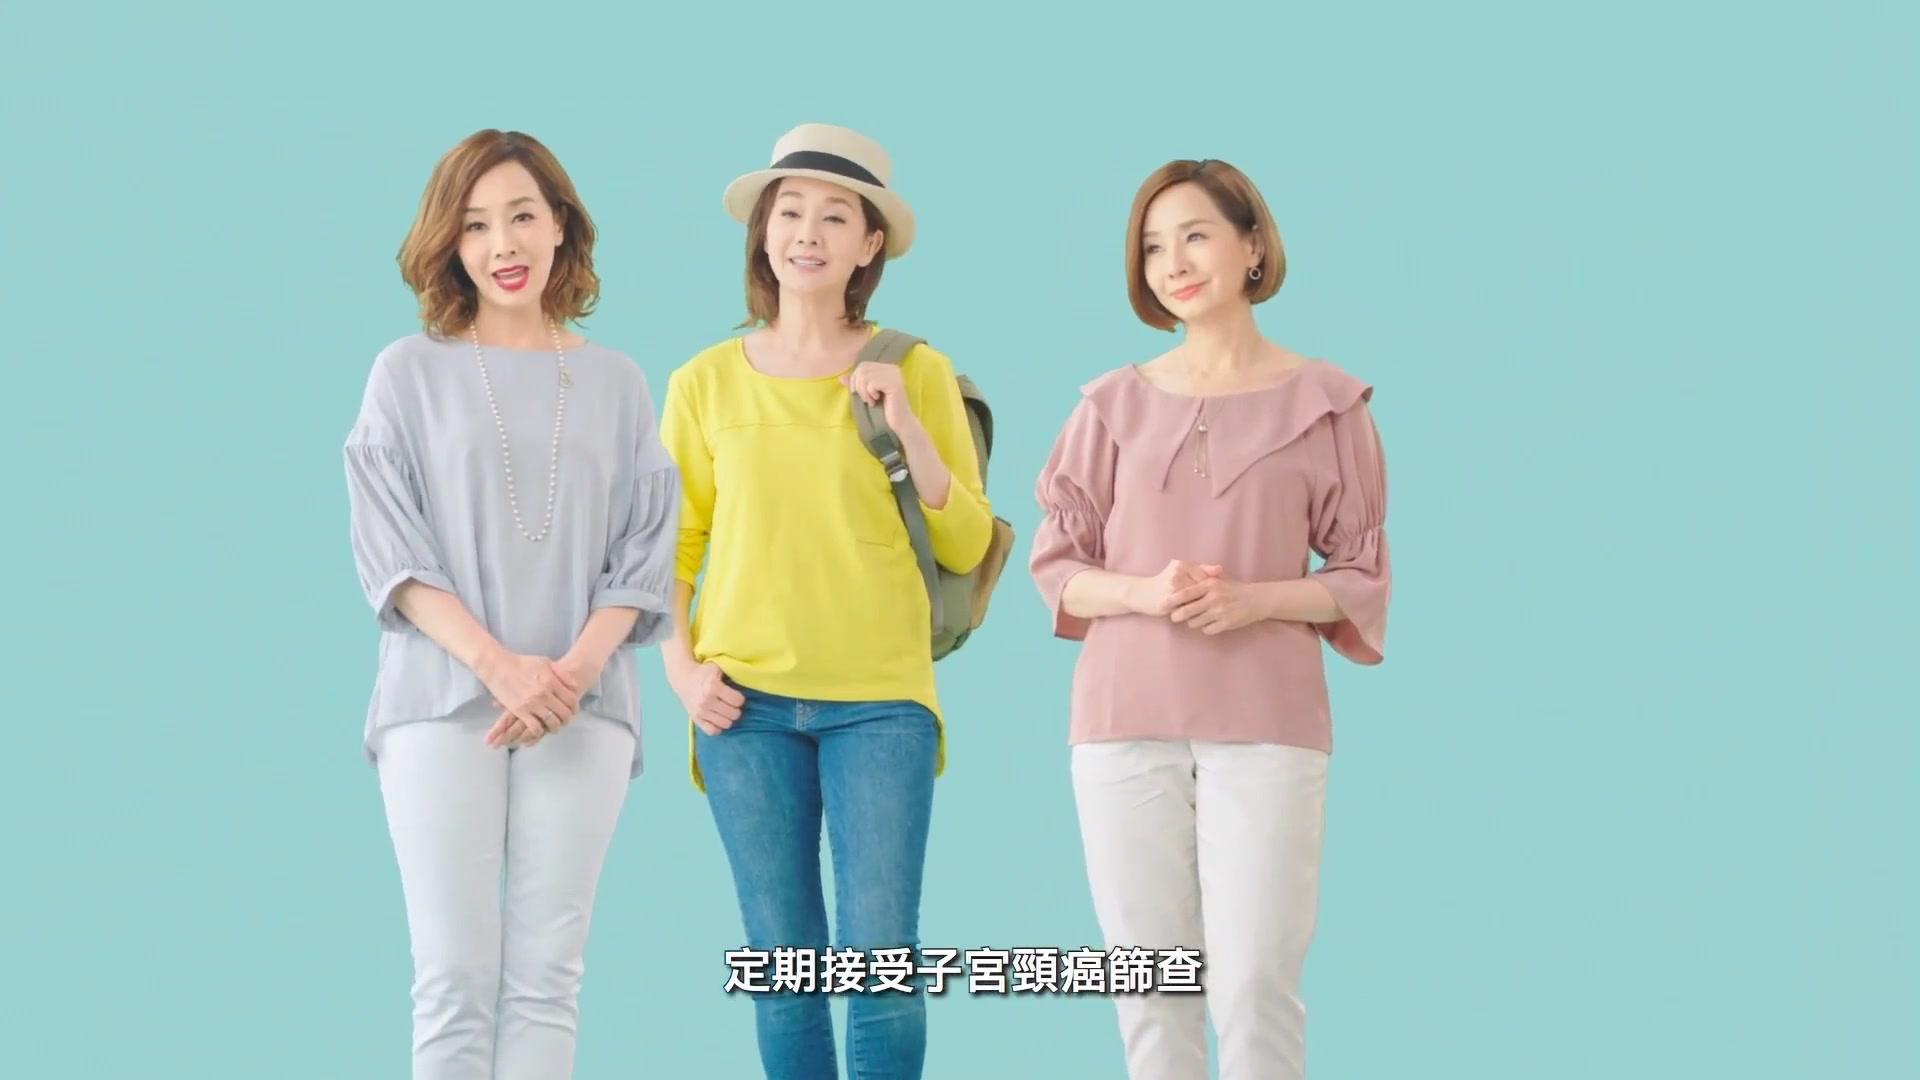 央视广告欣赏-子宫颈普查